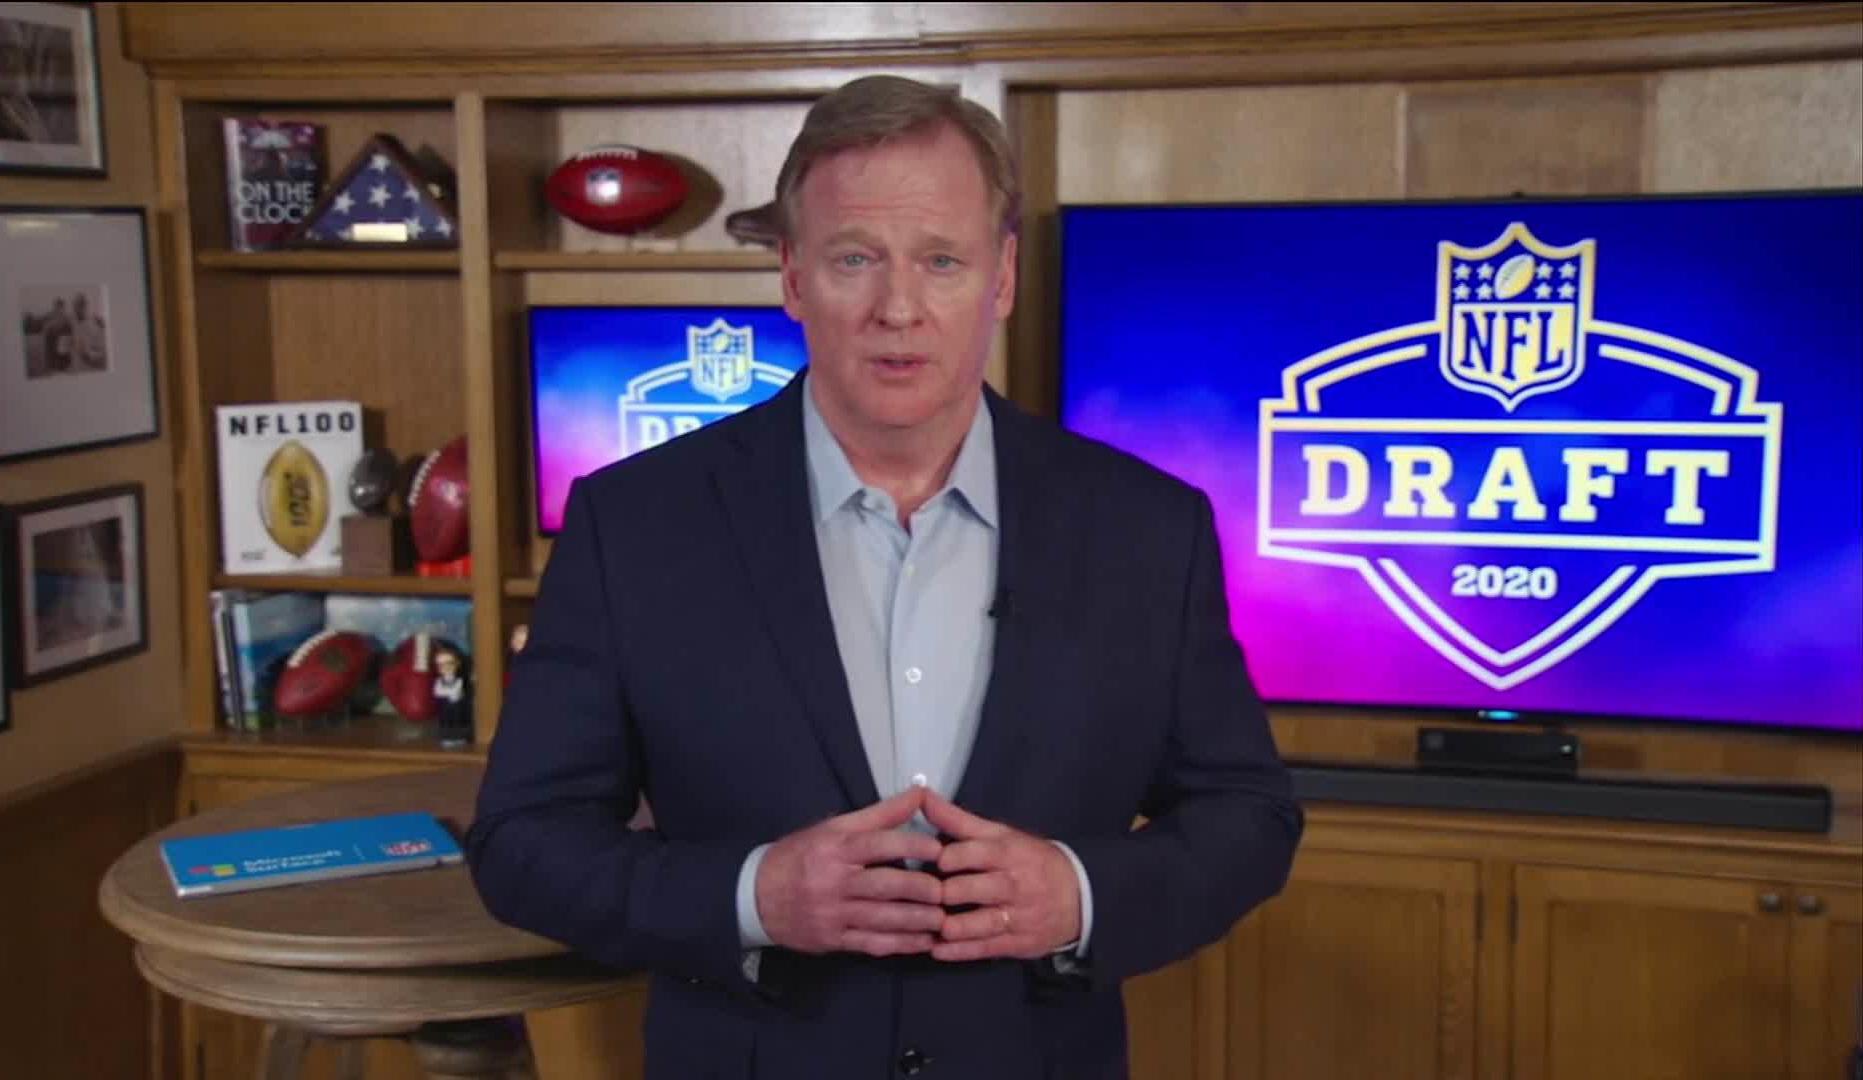 2020 NFL Draft - Round 1